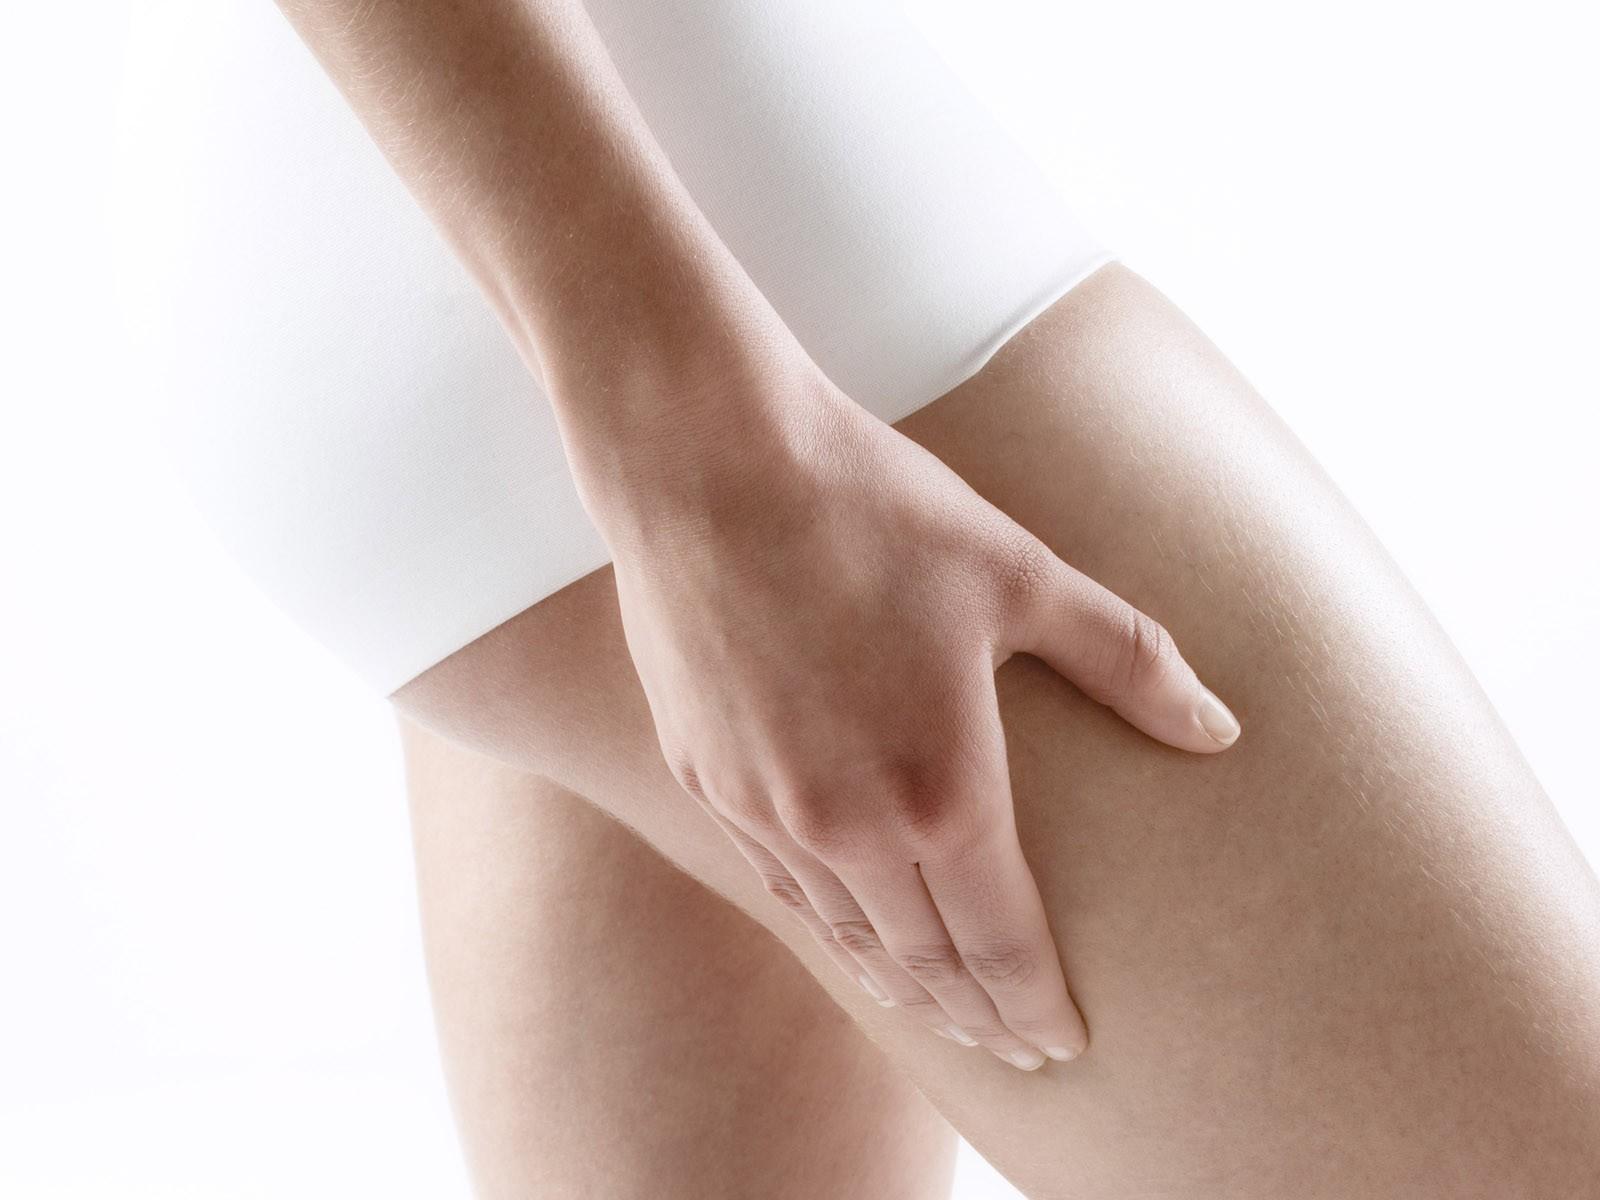 Моделирующие кремы, которые сегодня предлагают различные производители косметических средств для борьбы с целлюлитом, сами по себе проблему, конечно, не решают. Однако в комплексе с правильным питанием и занятиями спортом могут оказать благотворный эффект на кожу в проблемных зонах. Главный принцип здесь – использовать кремы регулярно (либо же применять их строго указанным курсом) и по возможности находить время для массажа проблемных участков тела. Lift minceur anti-capitons, Clarins, 2450 р. Моделирующий крем Lift minceur anti-capitons был разработан с учетом механизмов деления жировых клеток. Именно поэтому средство воздействует на жировую ткань на всех этапах ее образования, тем самым предупреждая появление первых признаков целлюлита. В 78 % случаев эффект заметен уже после месяца использования. Guam, антицеллюлитный крем с охлаждающим эффектом, 1850 р. В состав этого крема от целлюлита входит ментоловый экстракт, который придает средству насыщенный мятный аромат. Ментол сразу после нанесения крема на кожу моментально охлаждает ее, активно воздействуя тем самым на жировые клетки. Концентрат из морских водорослей, а также калий, кальций и магний, которые входят в состав моделирующего средства, выводят из тканей лишнюю жидкость и питают кожу, засчет чего она становится более эластичной. Эффект заметен уже на второй неделе регулярного использования крема. Body-Slim Destock Nuit, Lierac, 2600 р. Моделирующий крем Body-Slim Destock Nuit рекомендуется наносить на ночь, поскольку именно во время сна компоненты средства наиболее активно воздействуют на проблемные участки тела. Антицеллюлитный эффект достигается за счет кофеина, который входит в состав крема и который, проникая внутрь жировых клеток, стимулирует их активный распад. Уже после первого использования кожа становится более нежной, а через две недели регулярного применения заметно улучшается ее структура и зрительно уменьшается рельефность. Fat Girl Slim, Bliss, 1430 р. В структуру моделирующего средства Fat G